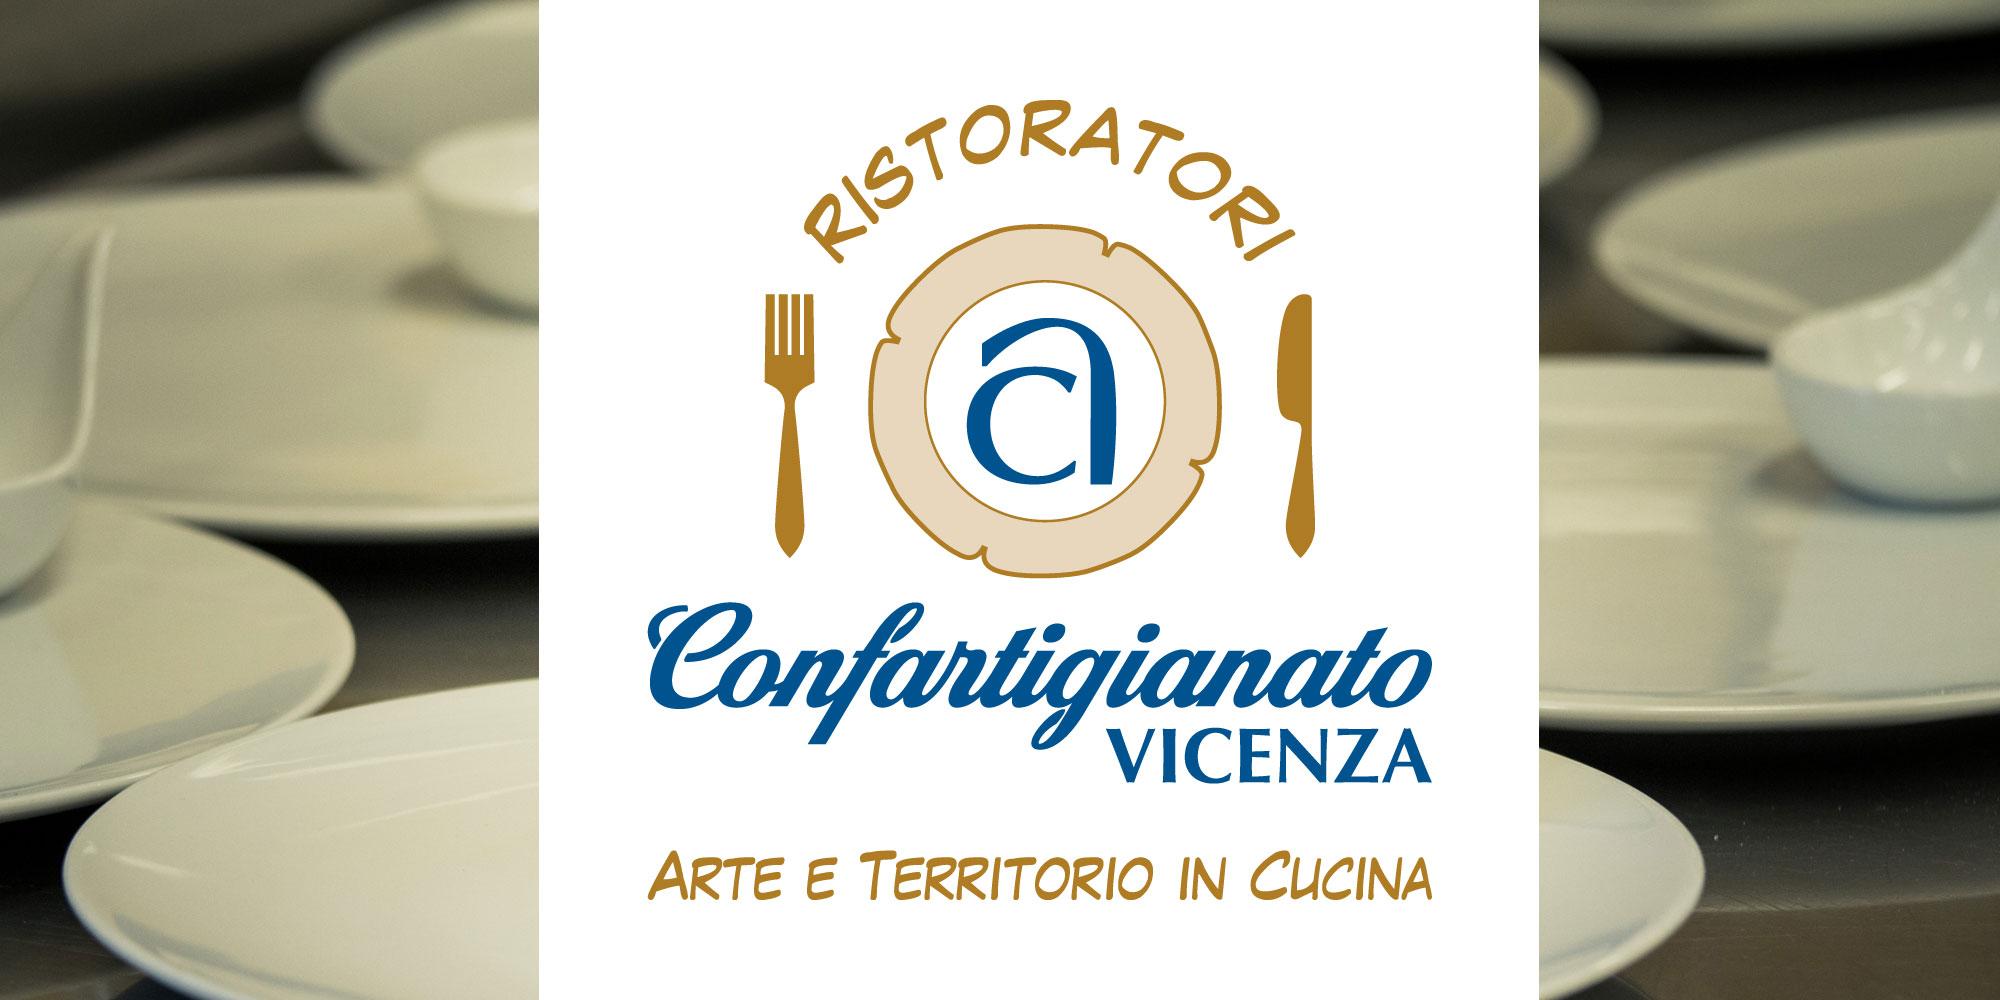 Ristoratori Confartigianato Vicenza